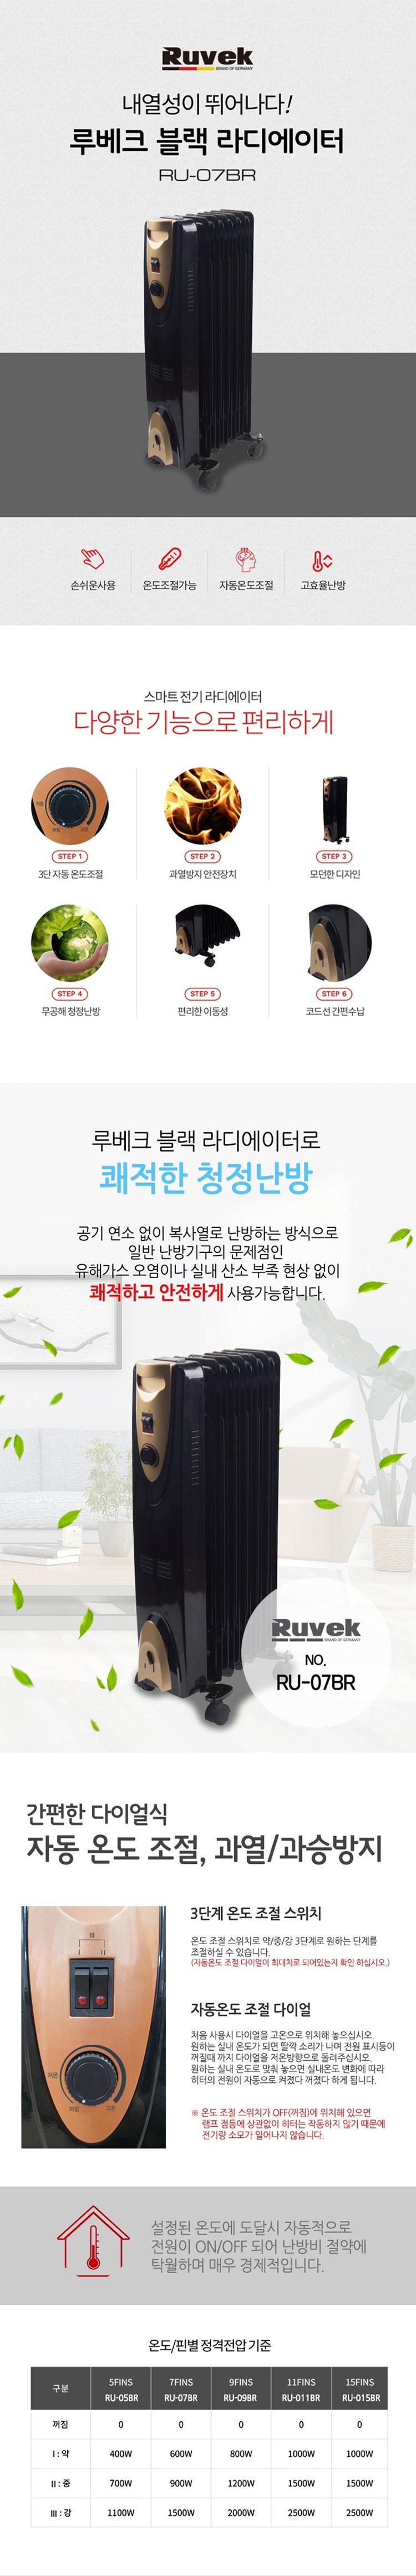 선풍기형히터,앉은뱅이히터,할로겐히터,전기히터,좌식히터,근적외선히터,벽걸이히터,스탠드히터